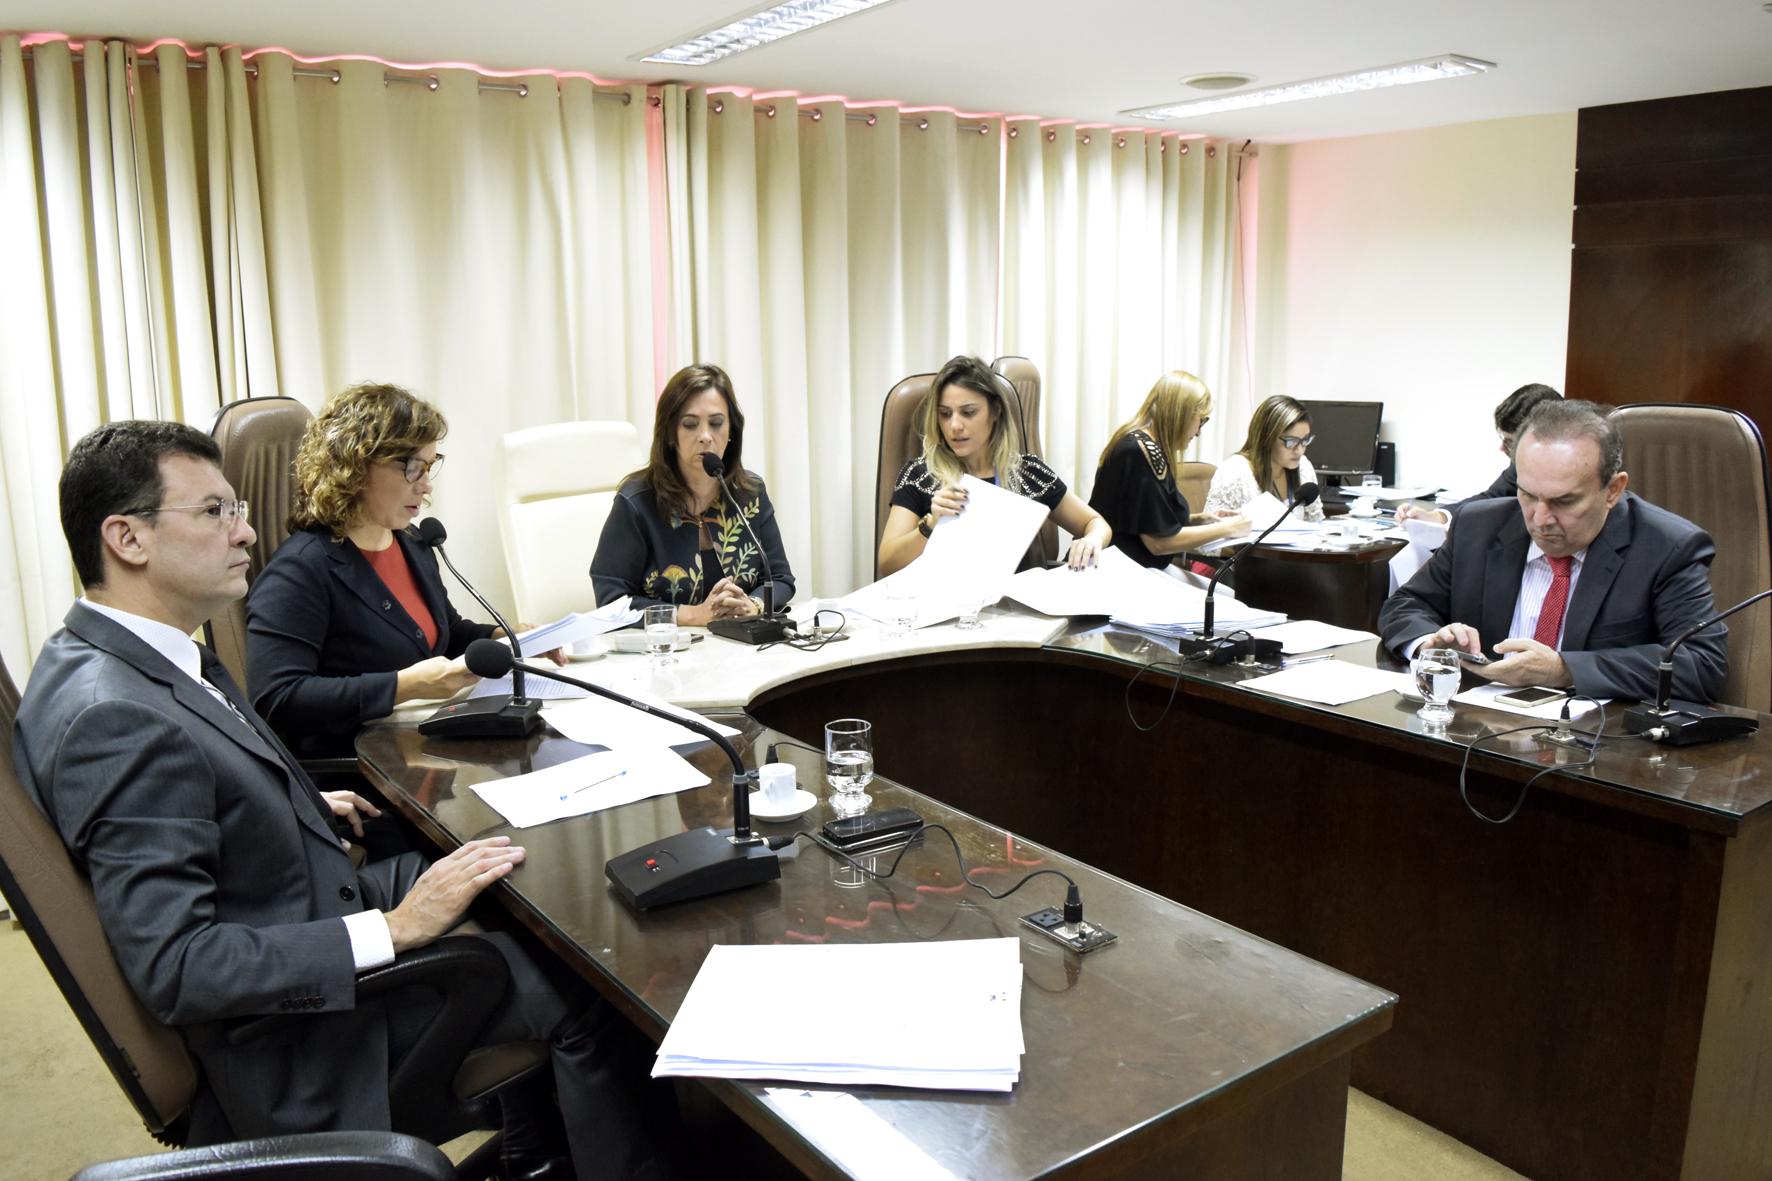 COMISSÃO DE CONSTITUIÇÃO E JUSTIÇA APROVA CONTRATAÇÃO DE AGENTES PENITENCIÁRIOS